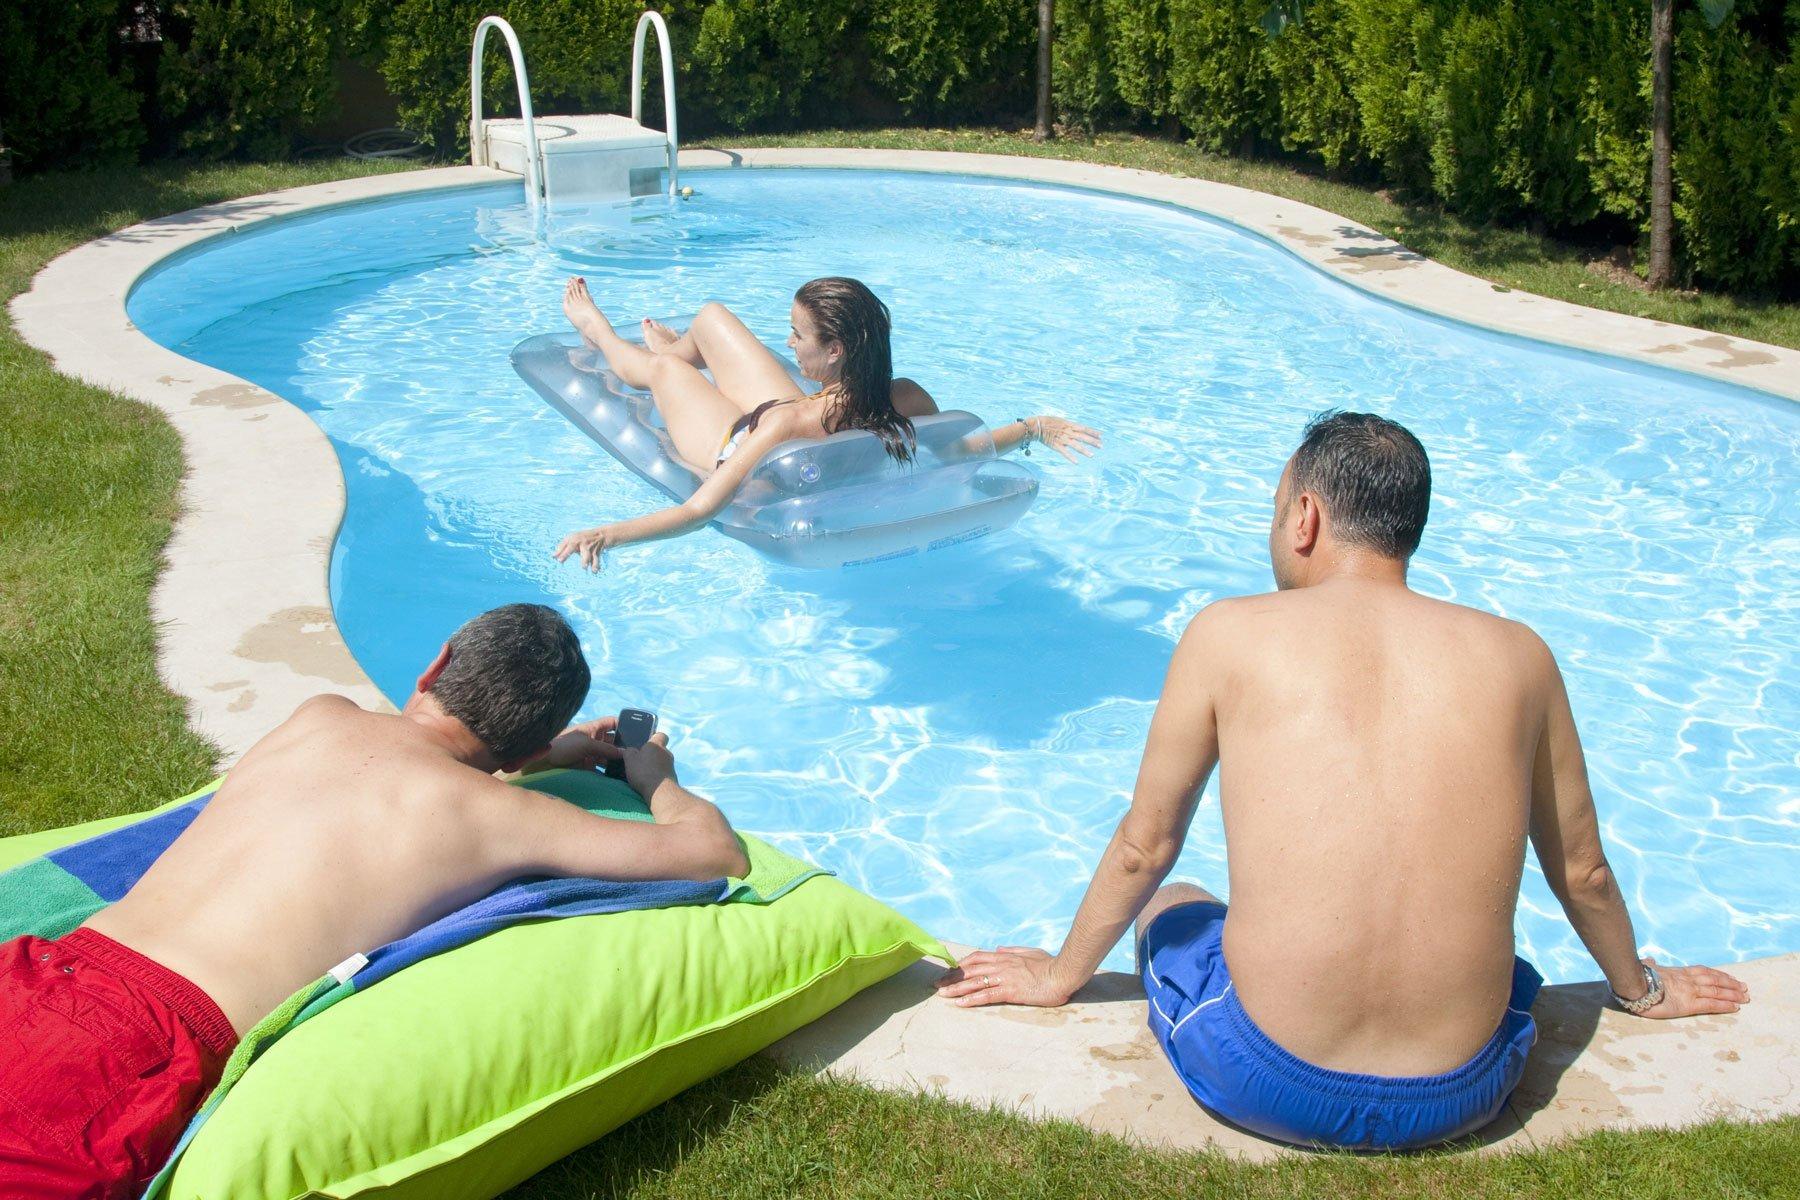 3 uomini in piscina